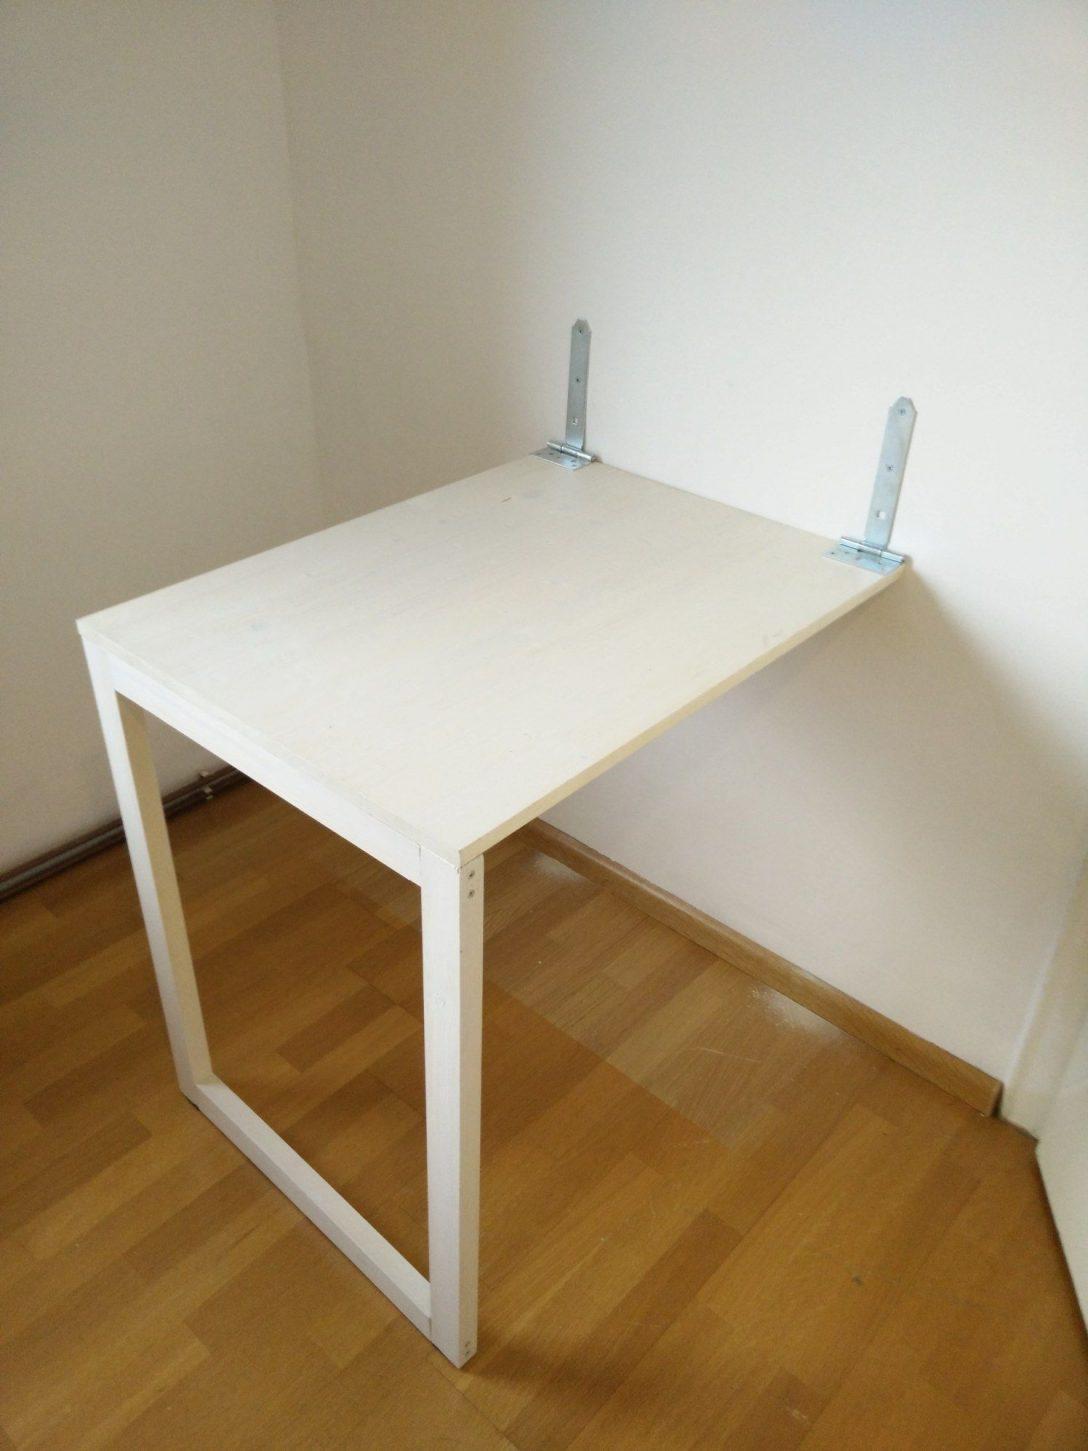 Large Size of Wandklapptisch Selber Bauen Tisch Diy Wooden Table Selbstgemachte Tische Einbauküche Fenster Rolladen Nachträglich Einbauen Boxspring Bett Velux 180x200 Wohnzimmer Wandklapptisch Selber Bauen